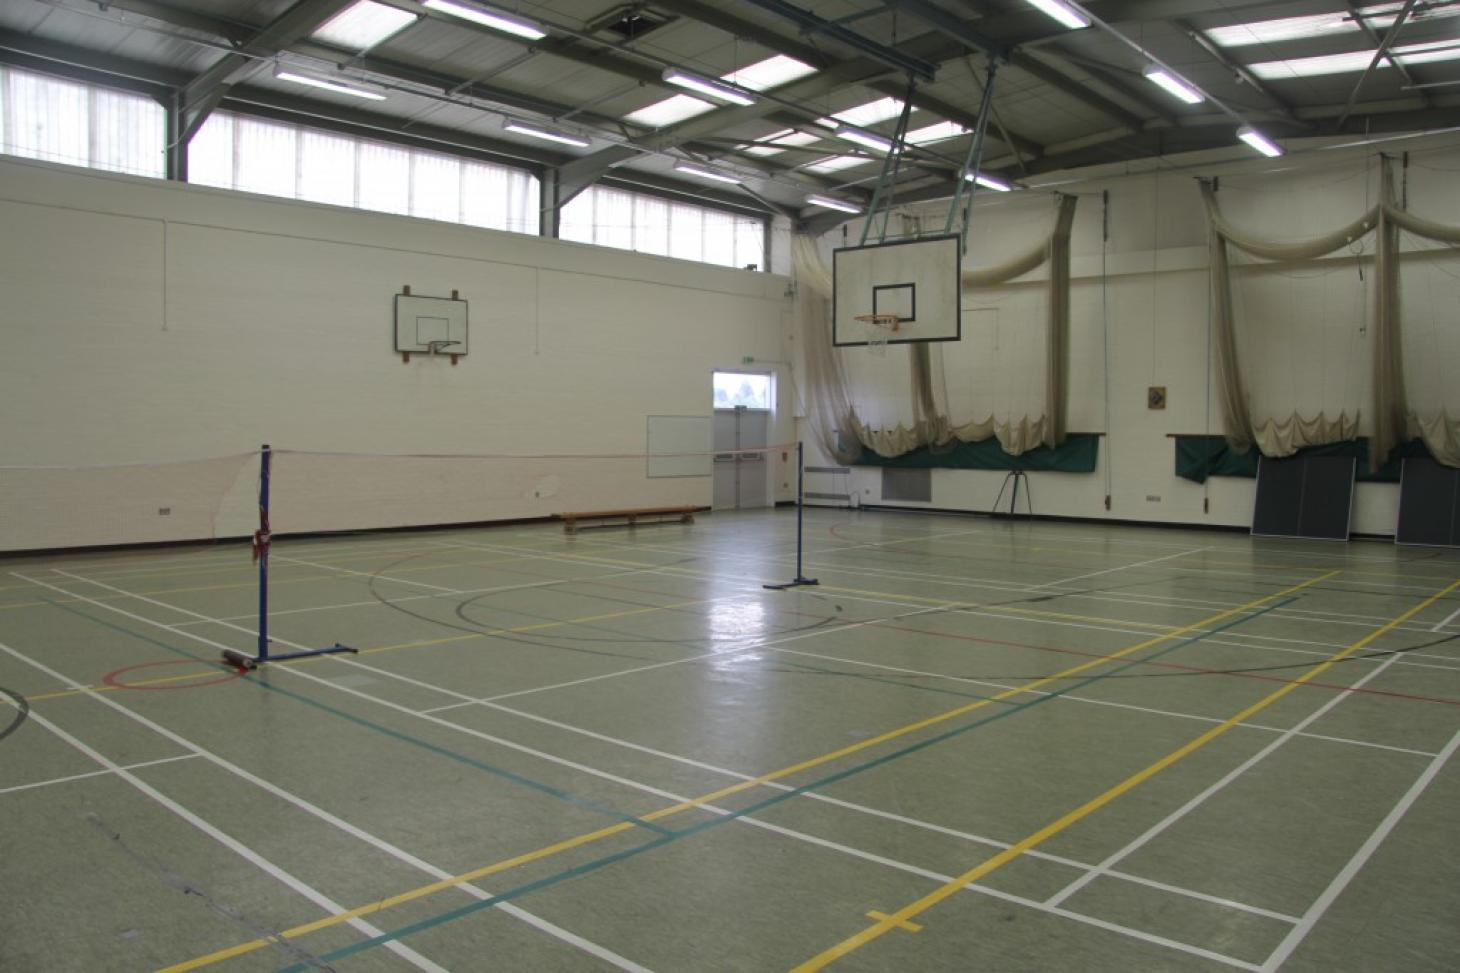 Ashcroft High School Indoor | Hard badminton court